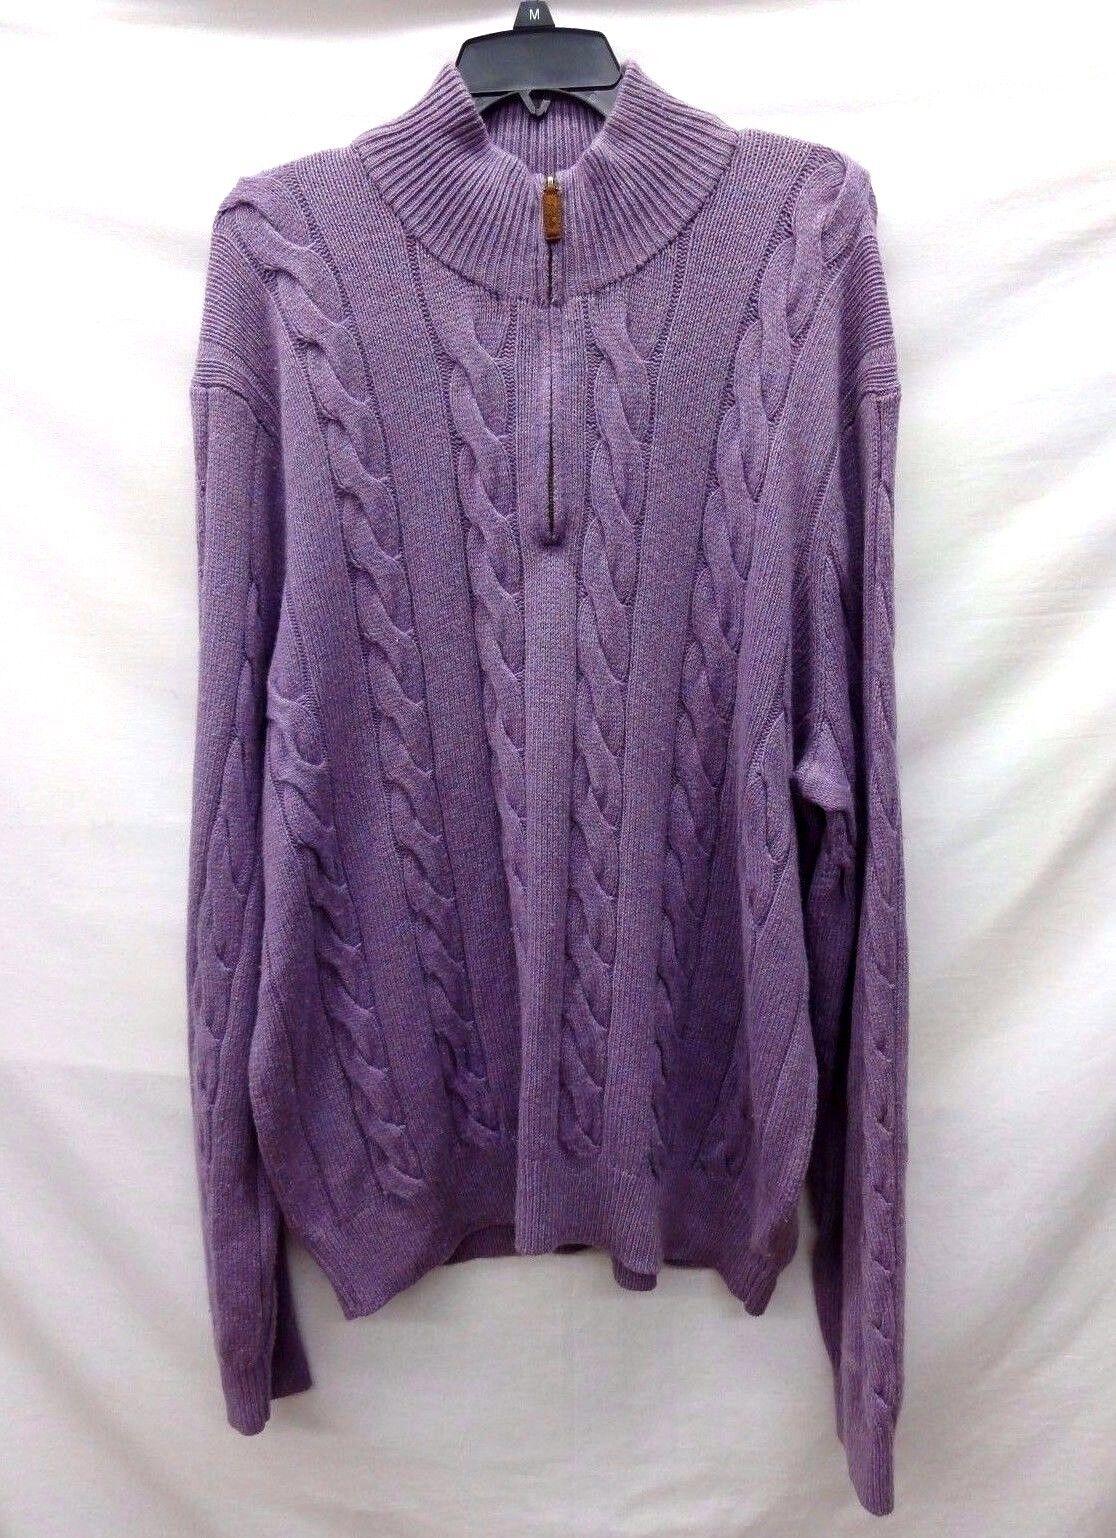 Polo By Ralph Lauren Men's Half Zip Sweater, Size XL